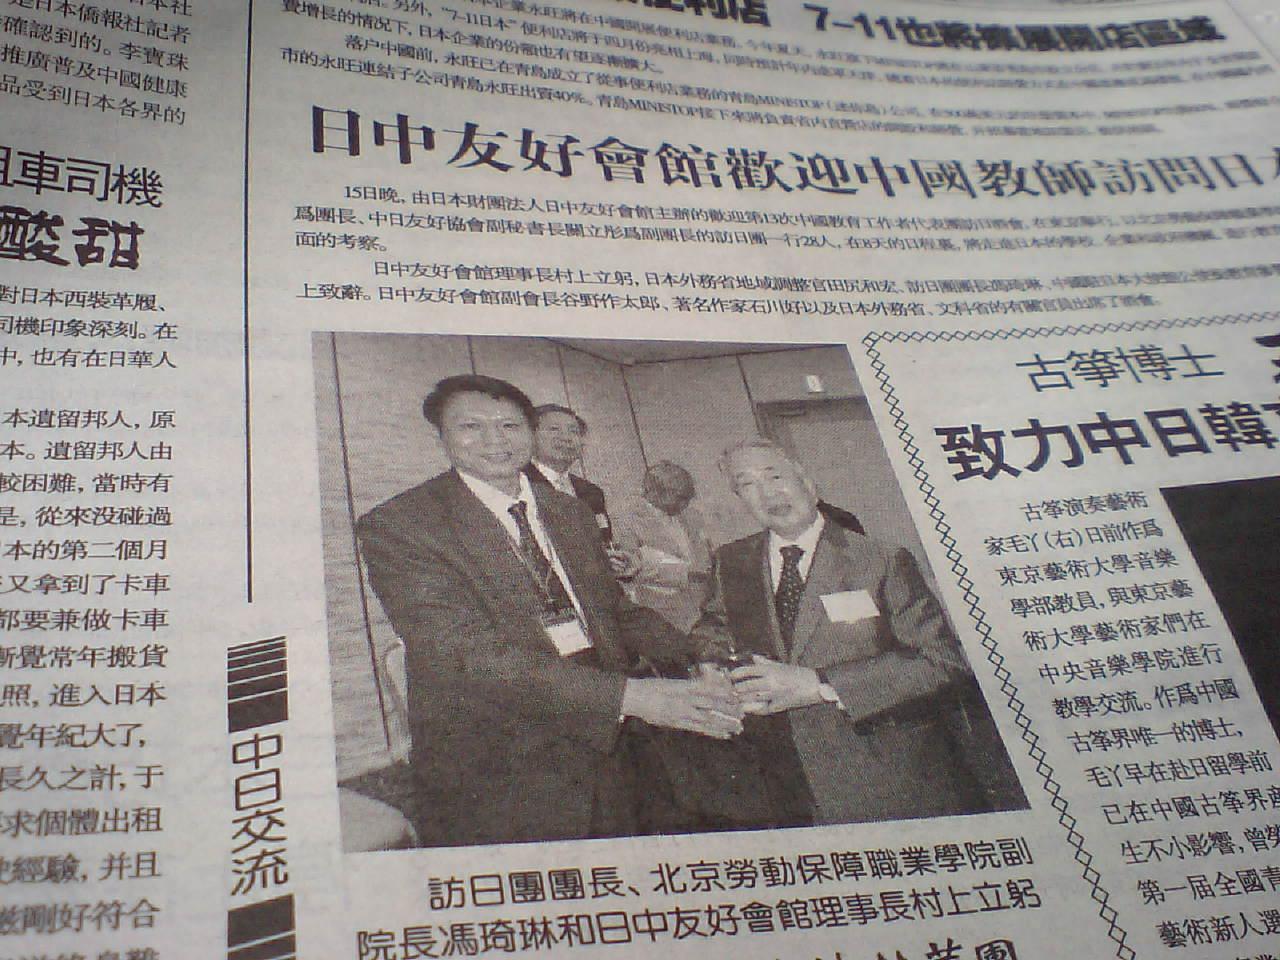 日中友好会館主催の中国教師歓迎会写真 聯合週報に掲載_d0027795_162598.jpg